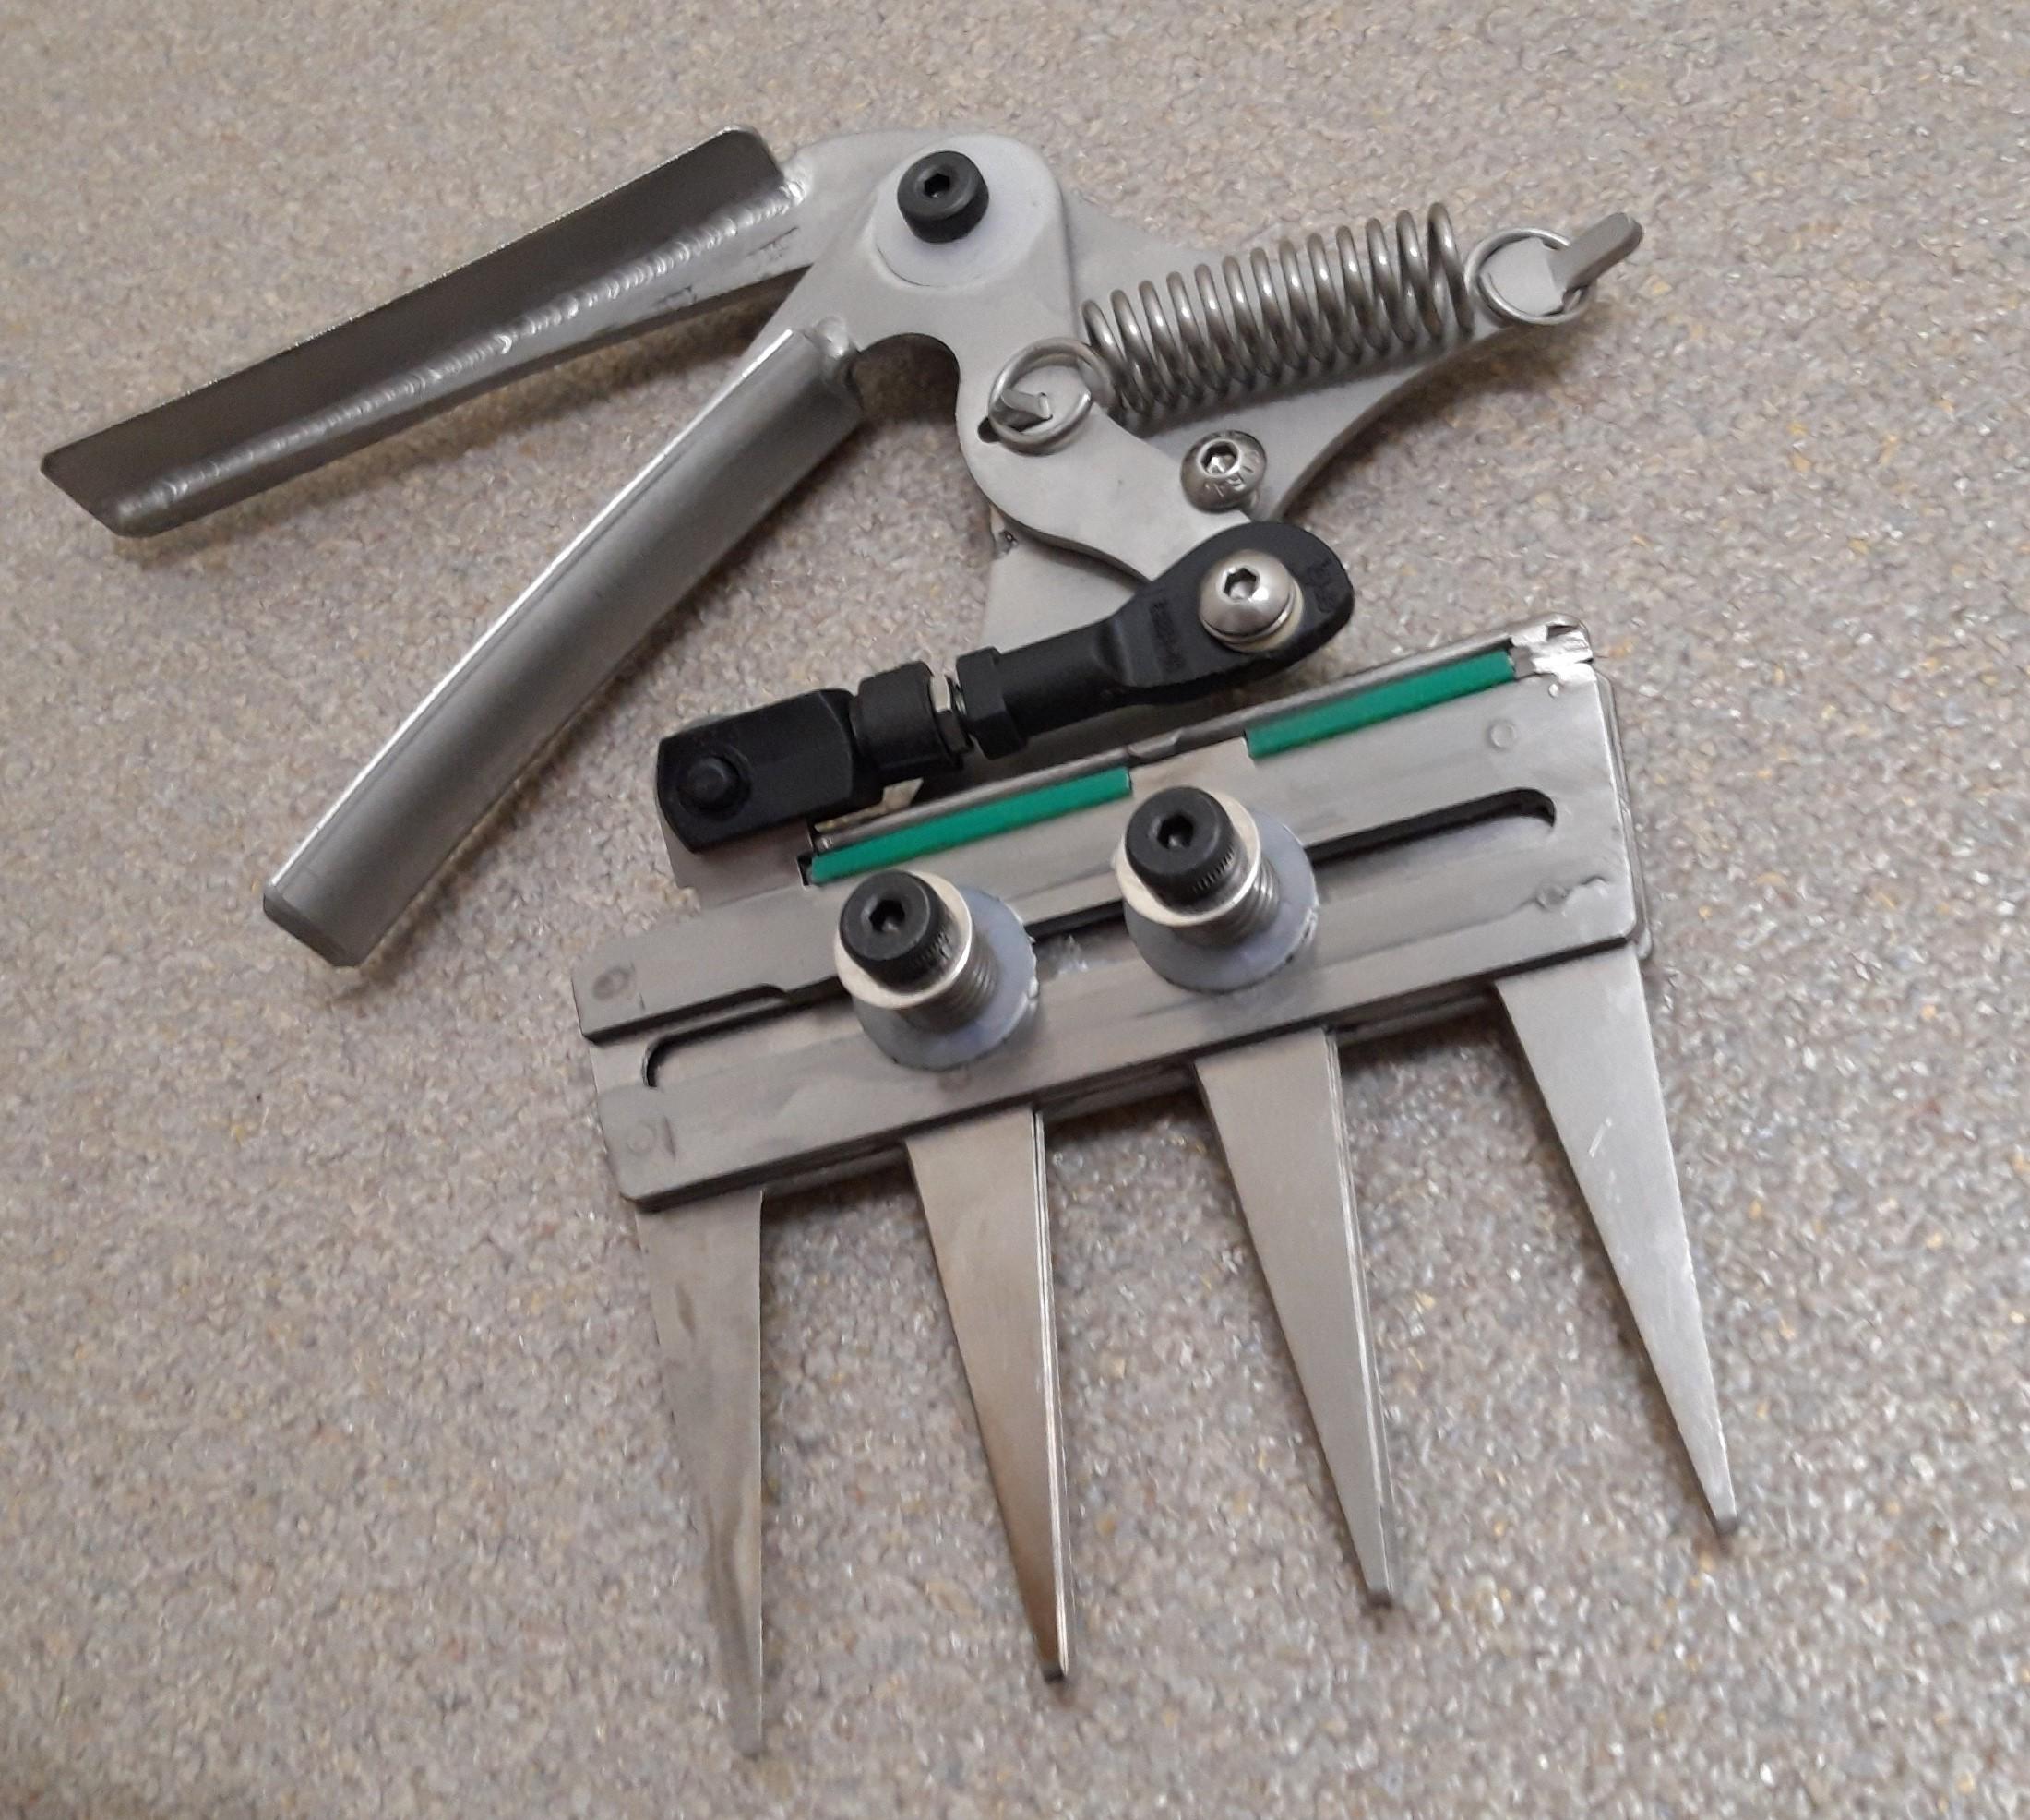 Patentschaar® Handmodel RVS 100,5 mm lang, steek 29 mm, 4 tanden